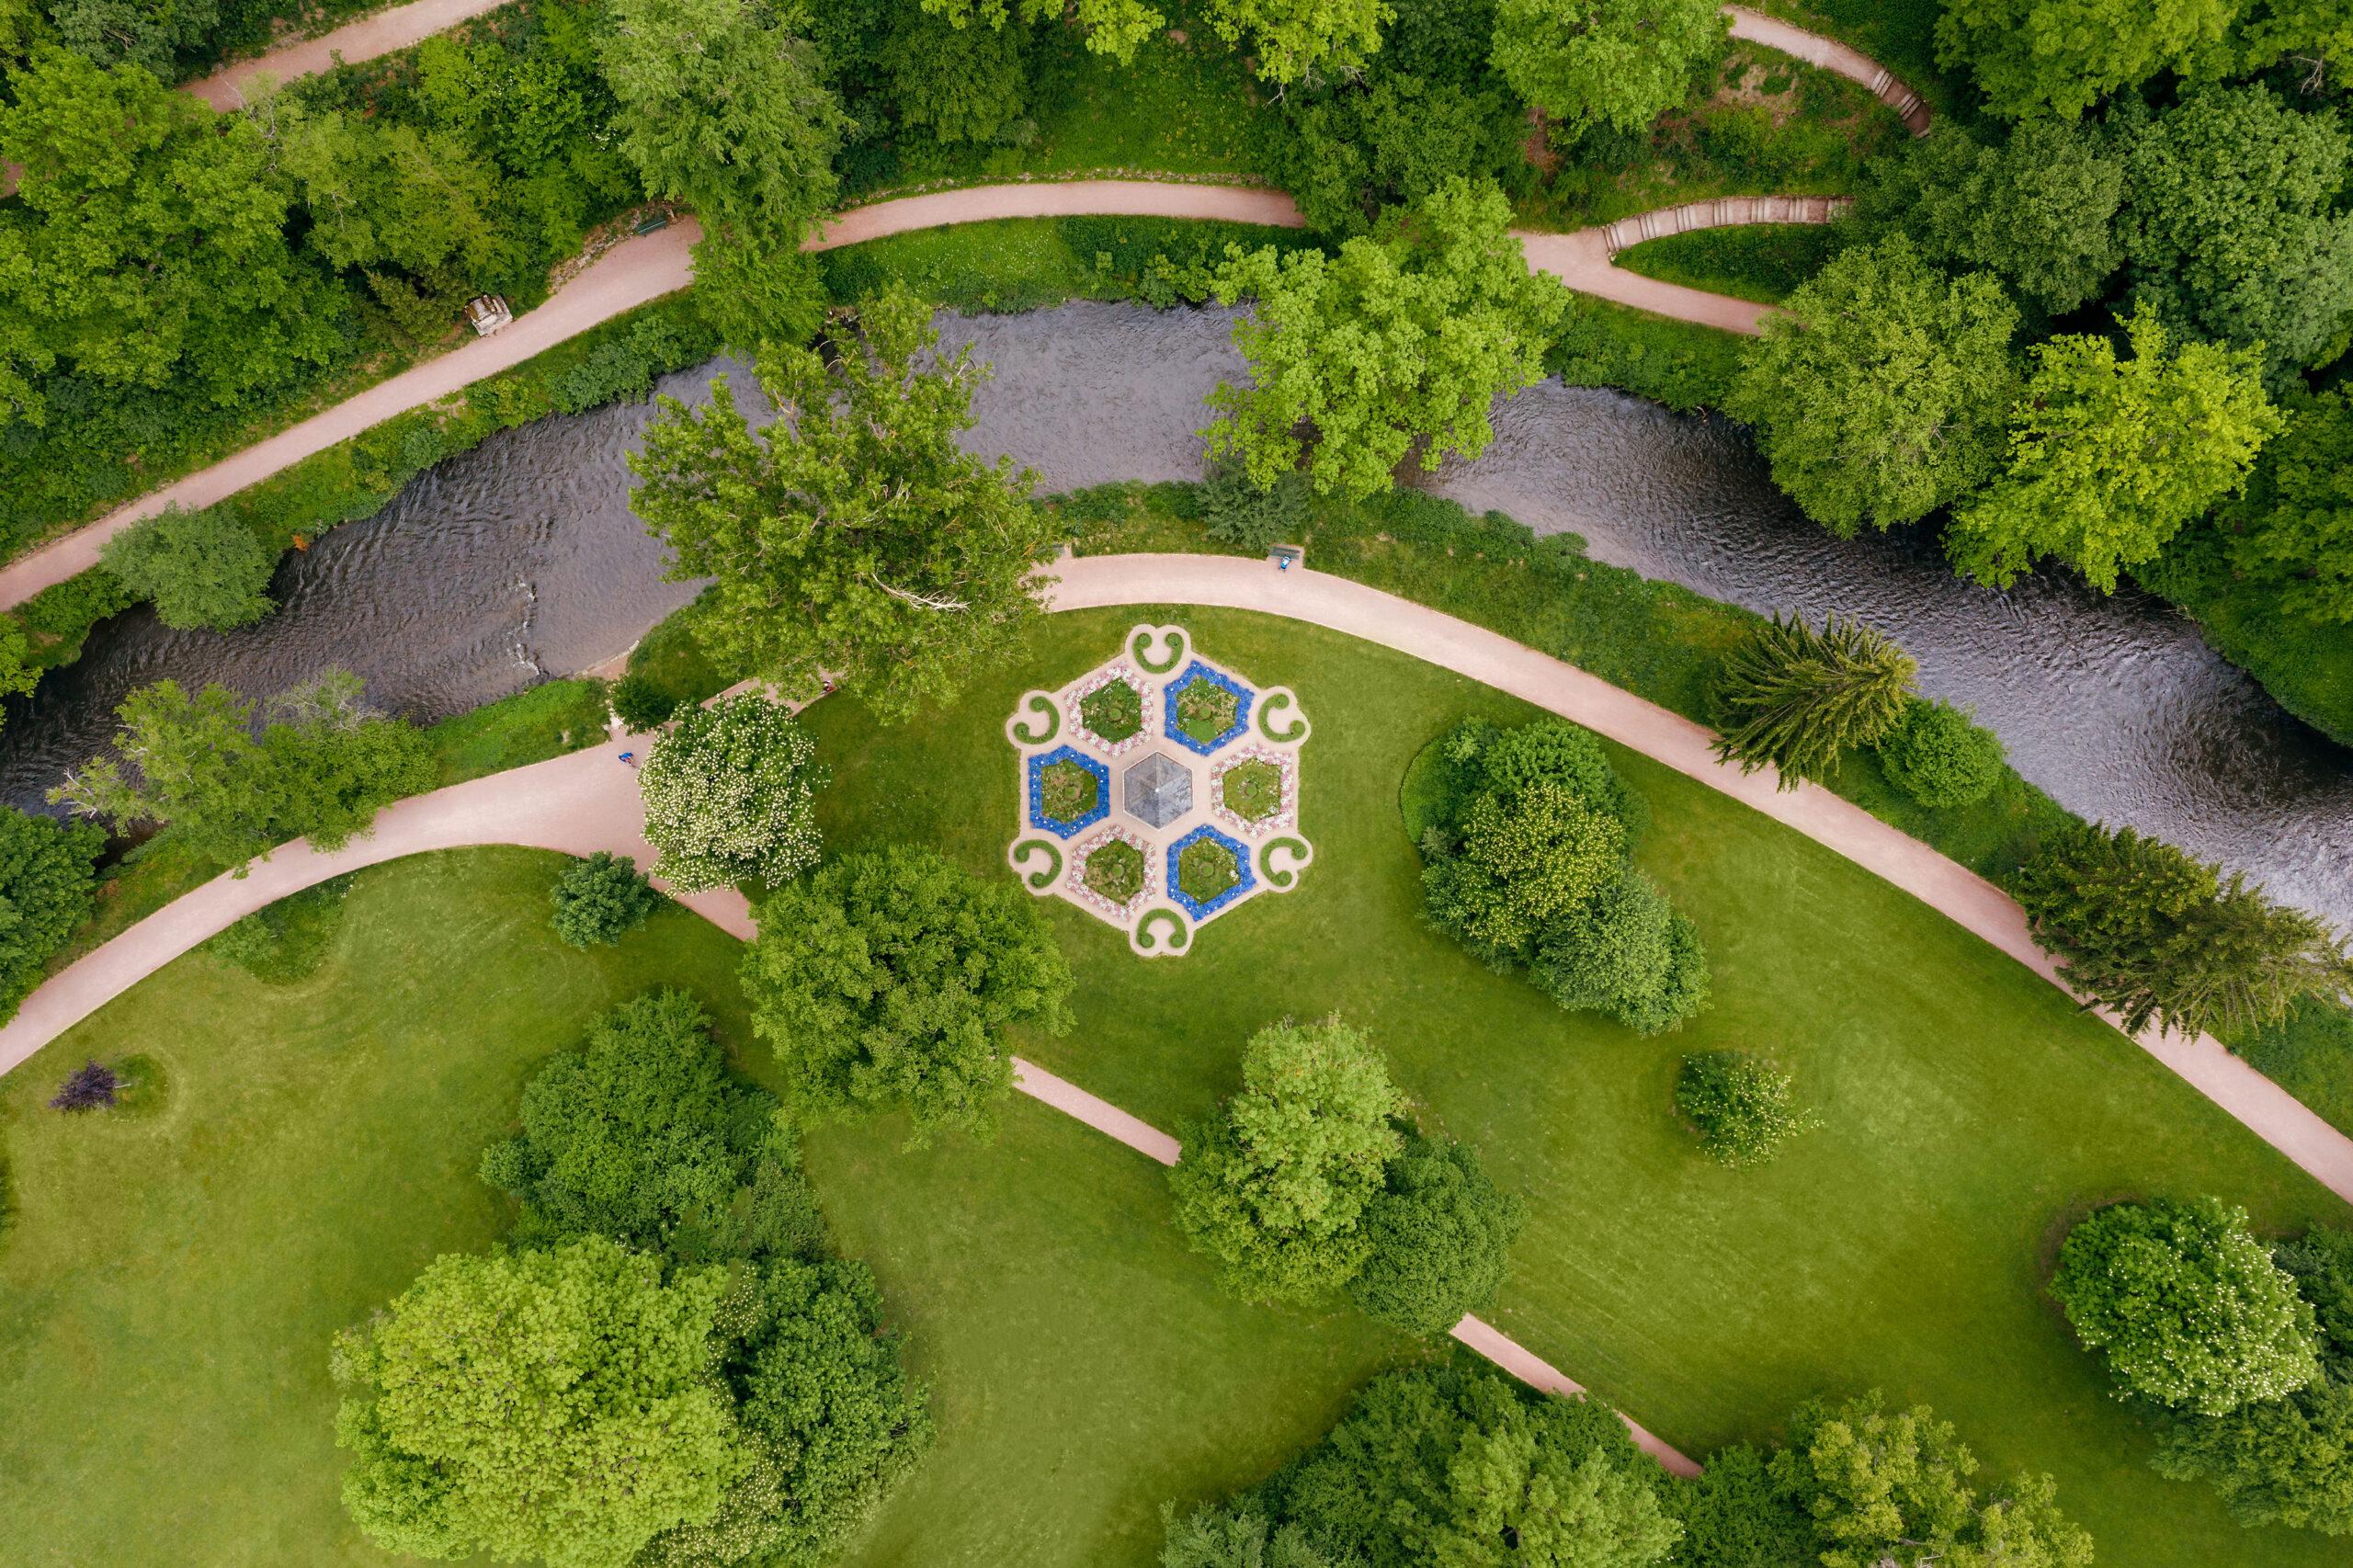 Ilm und Musentempel im Schlosspark Tiefurt aus der Vogelperspektive © SSFG für die Schatzkammer Thüringen / Marcus Glahn